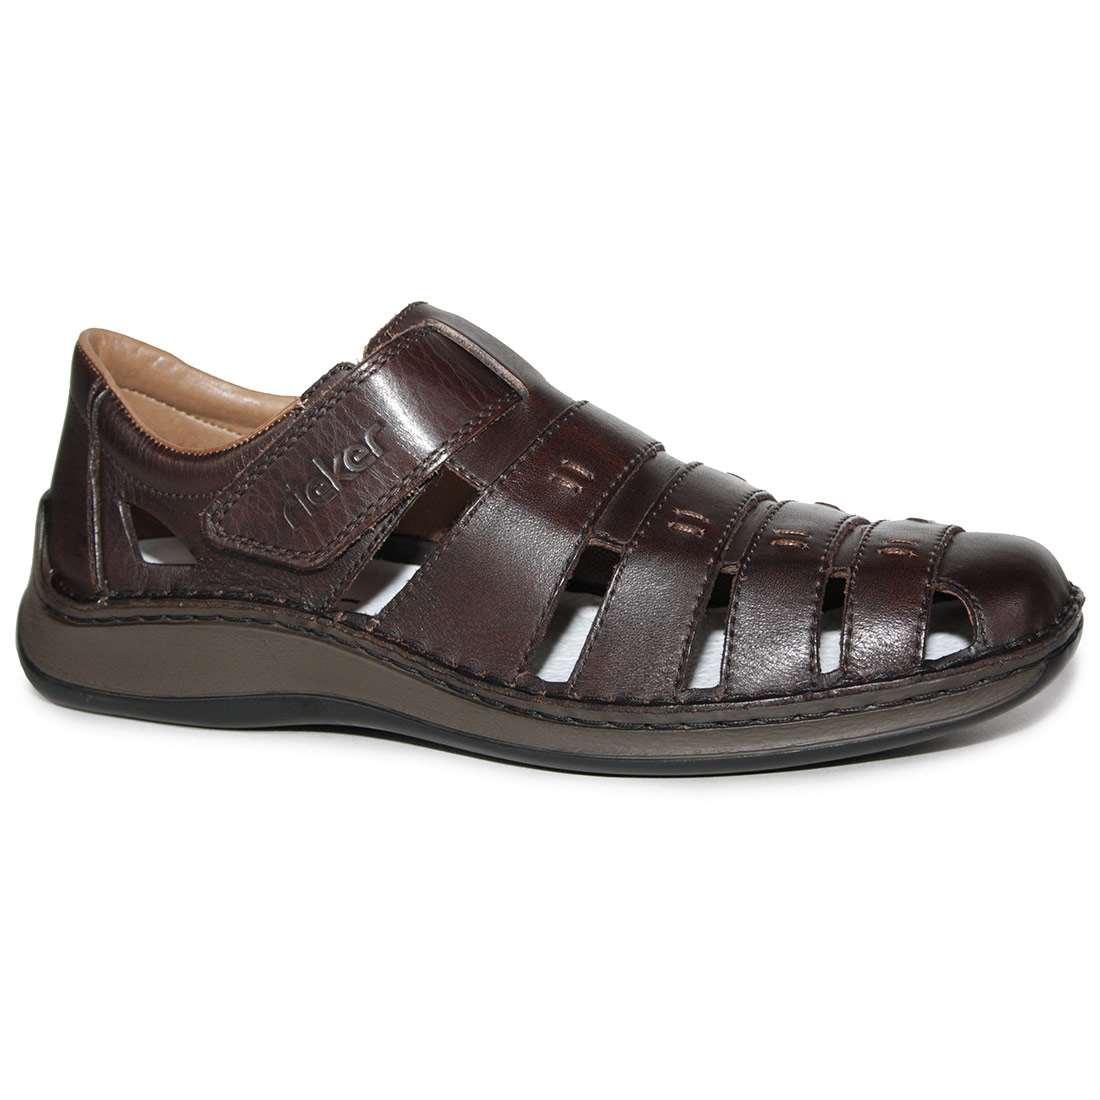 Немецкая Обувь Com Интернет Магазин